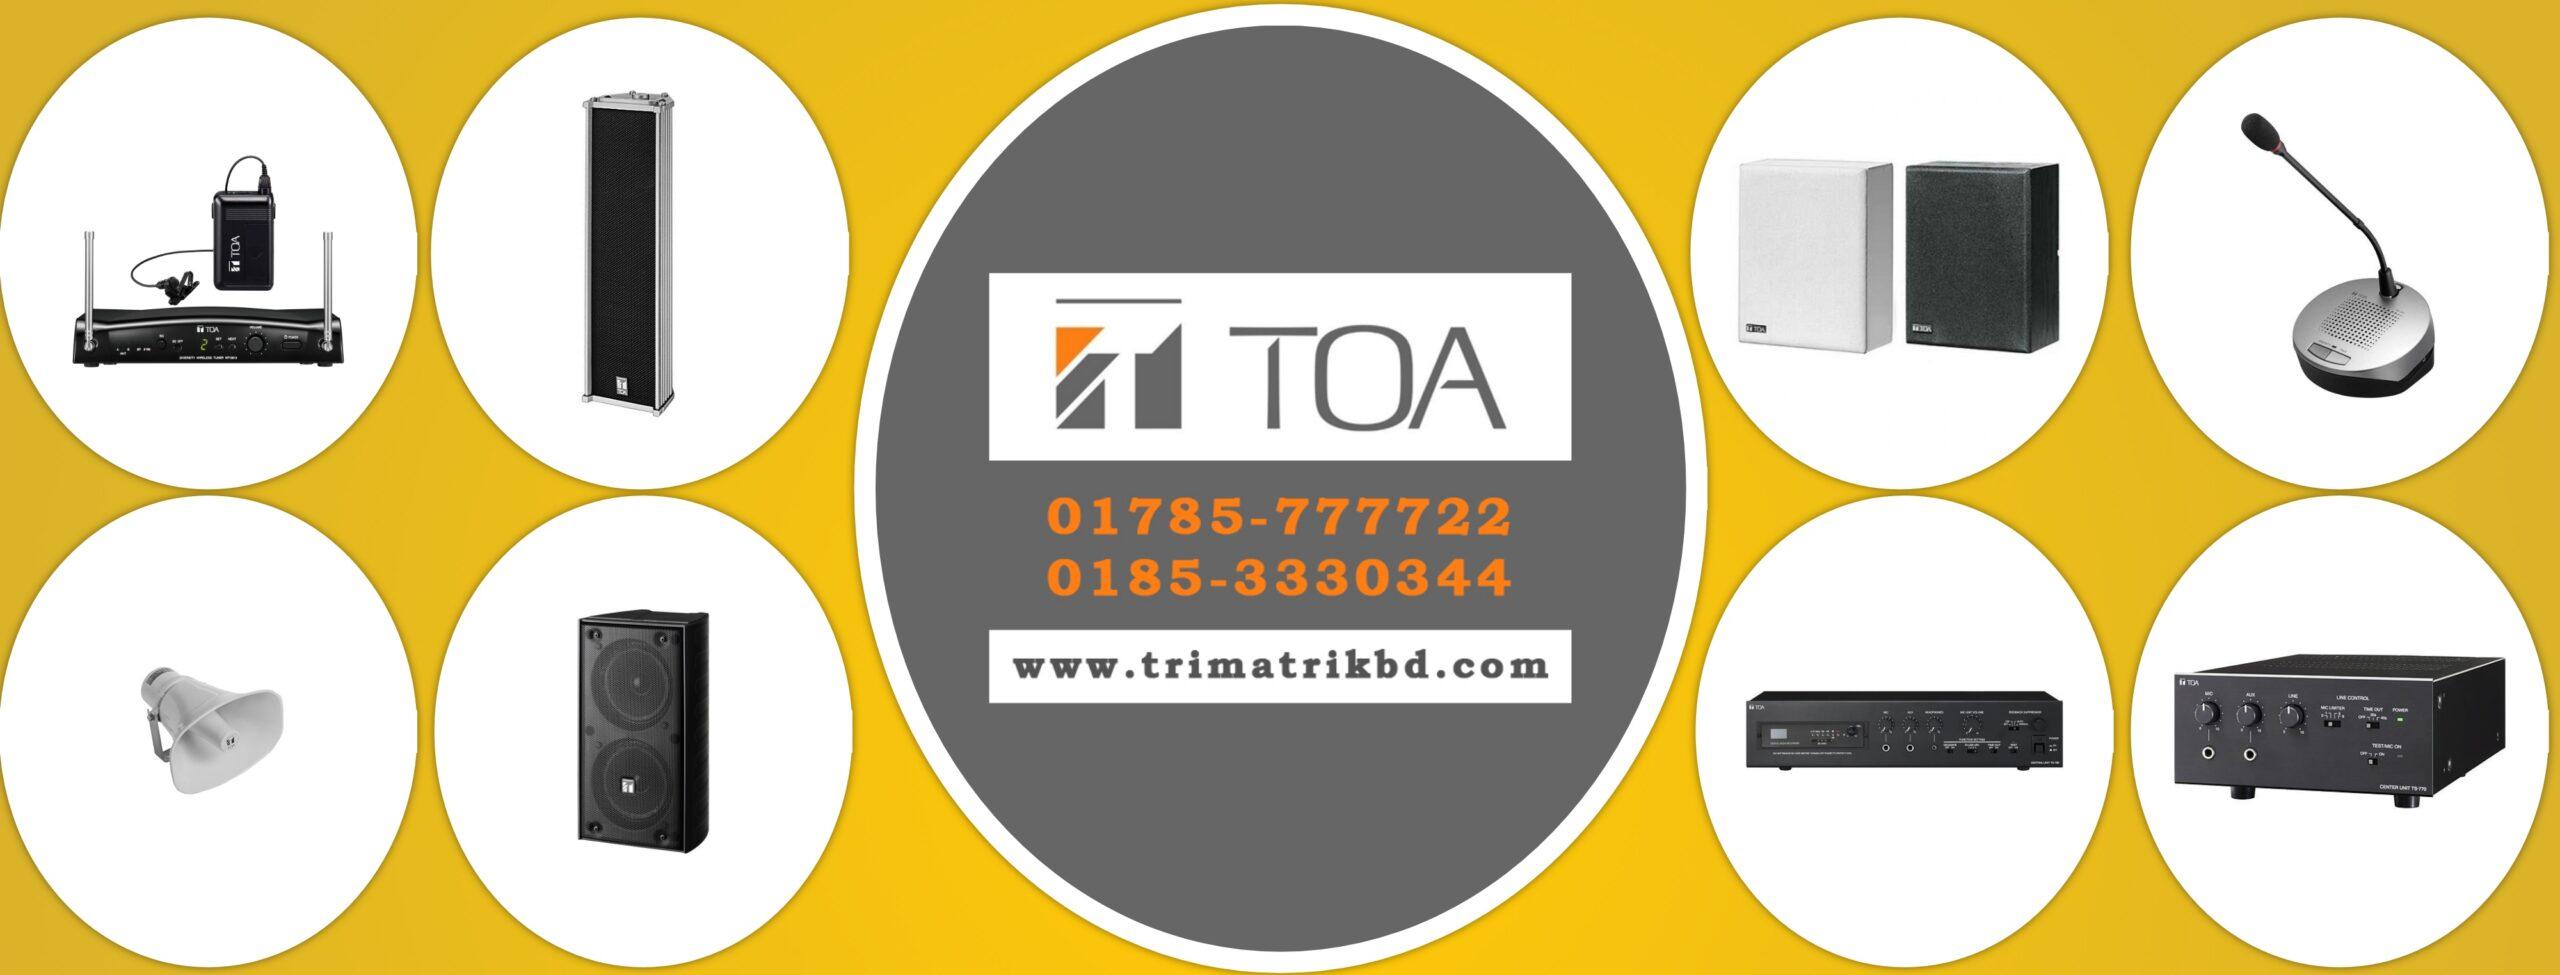 TOA pa System in Bangladesh, Trimatrik